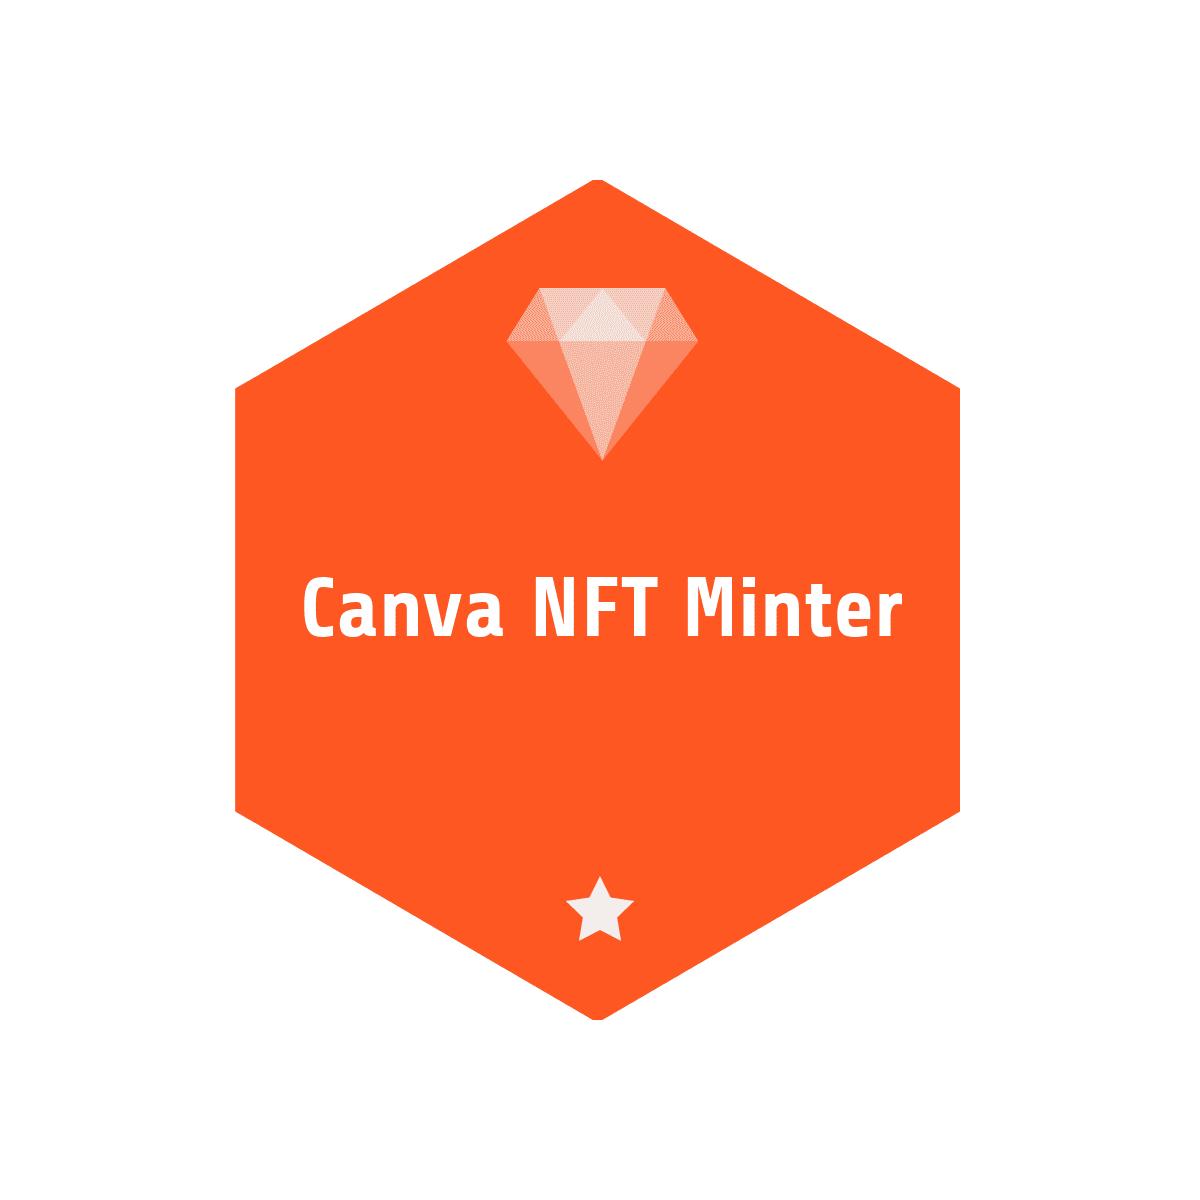 Canva NFT Minter